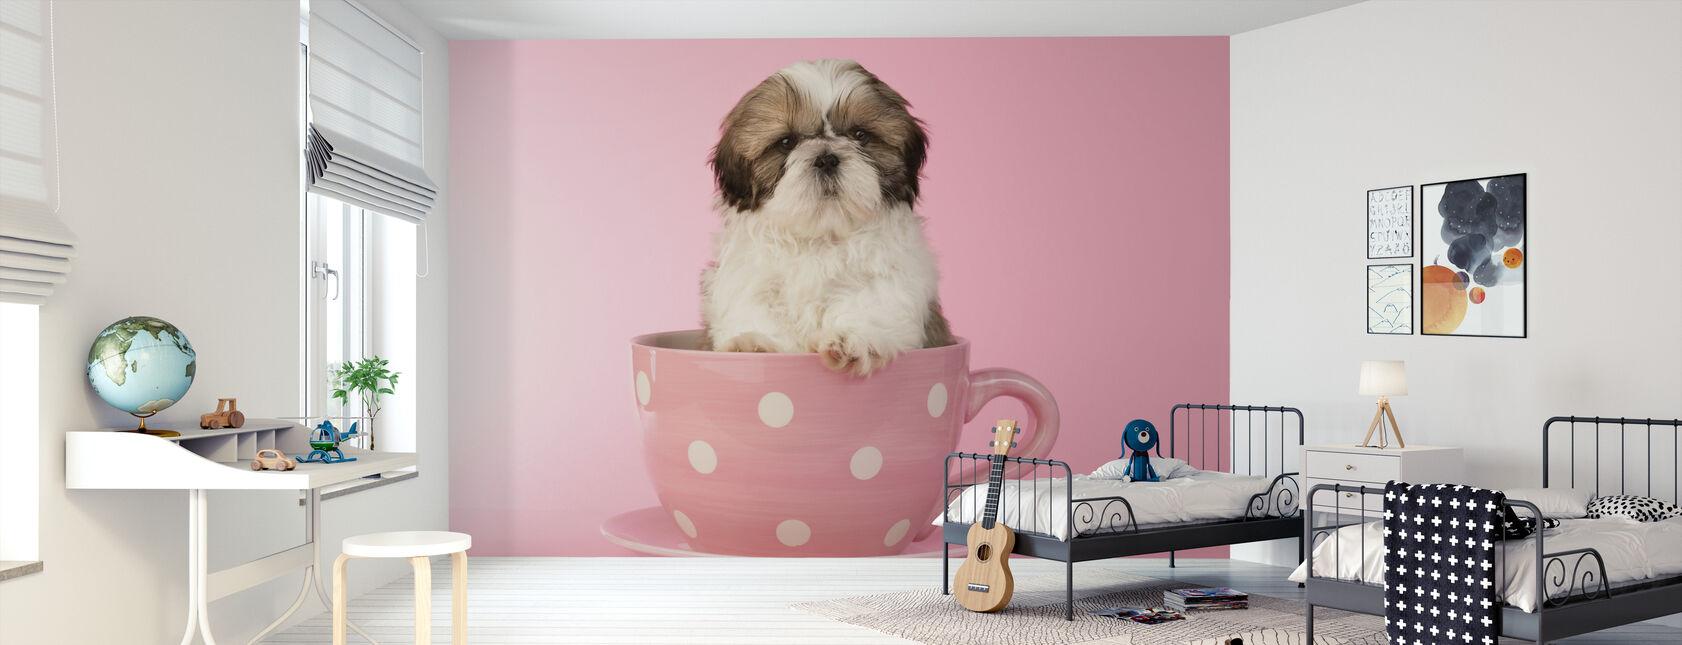 Hond in Beker - Behang - Kinderkamer